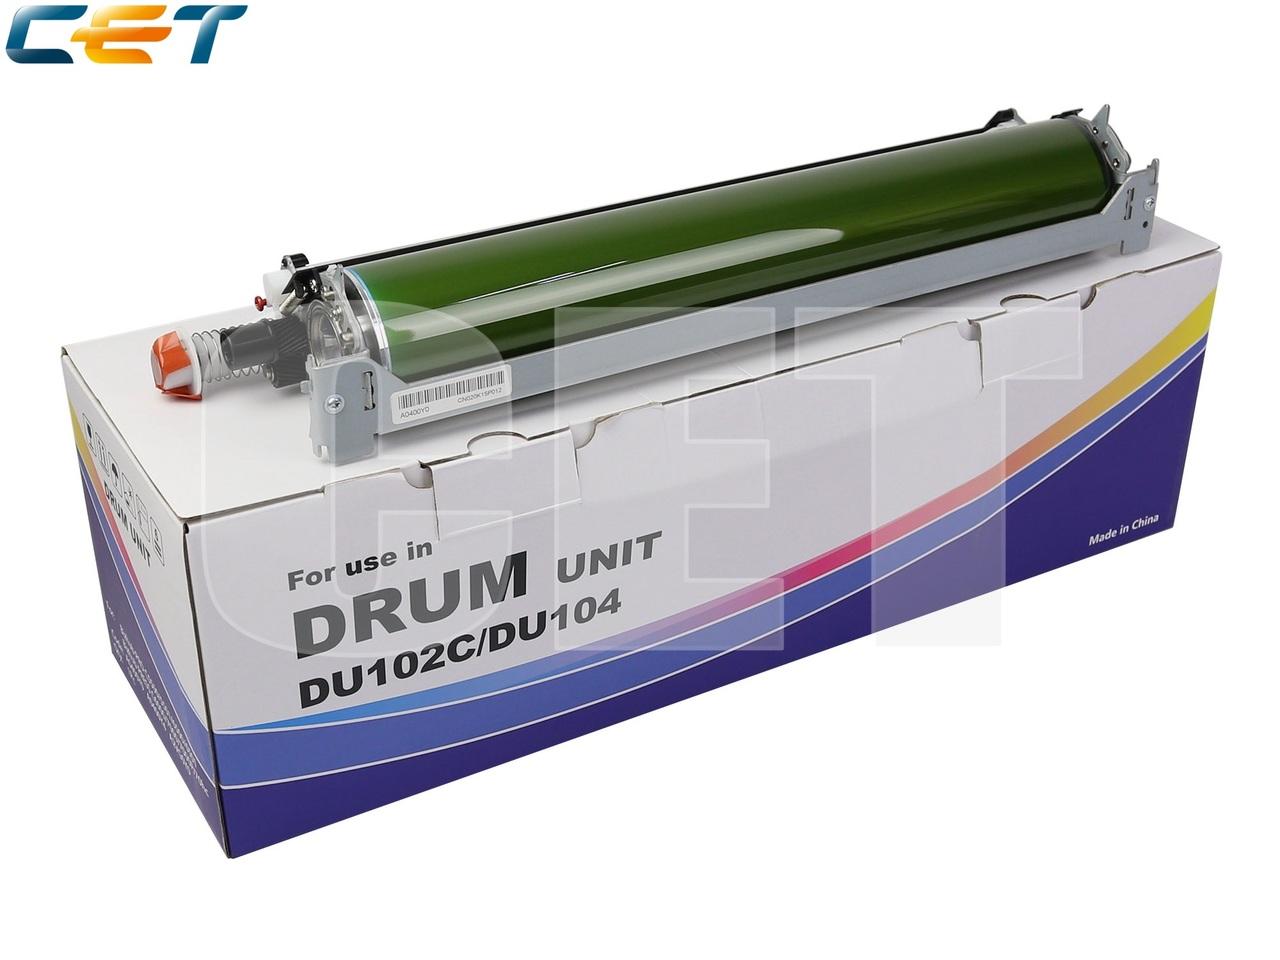 Драм-юнит DU-102C, DU-104 для KONICA MINOLTA Bizhub ProC5500/C5501/C6500/C6501 (CET), 230000 стр., CET7367